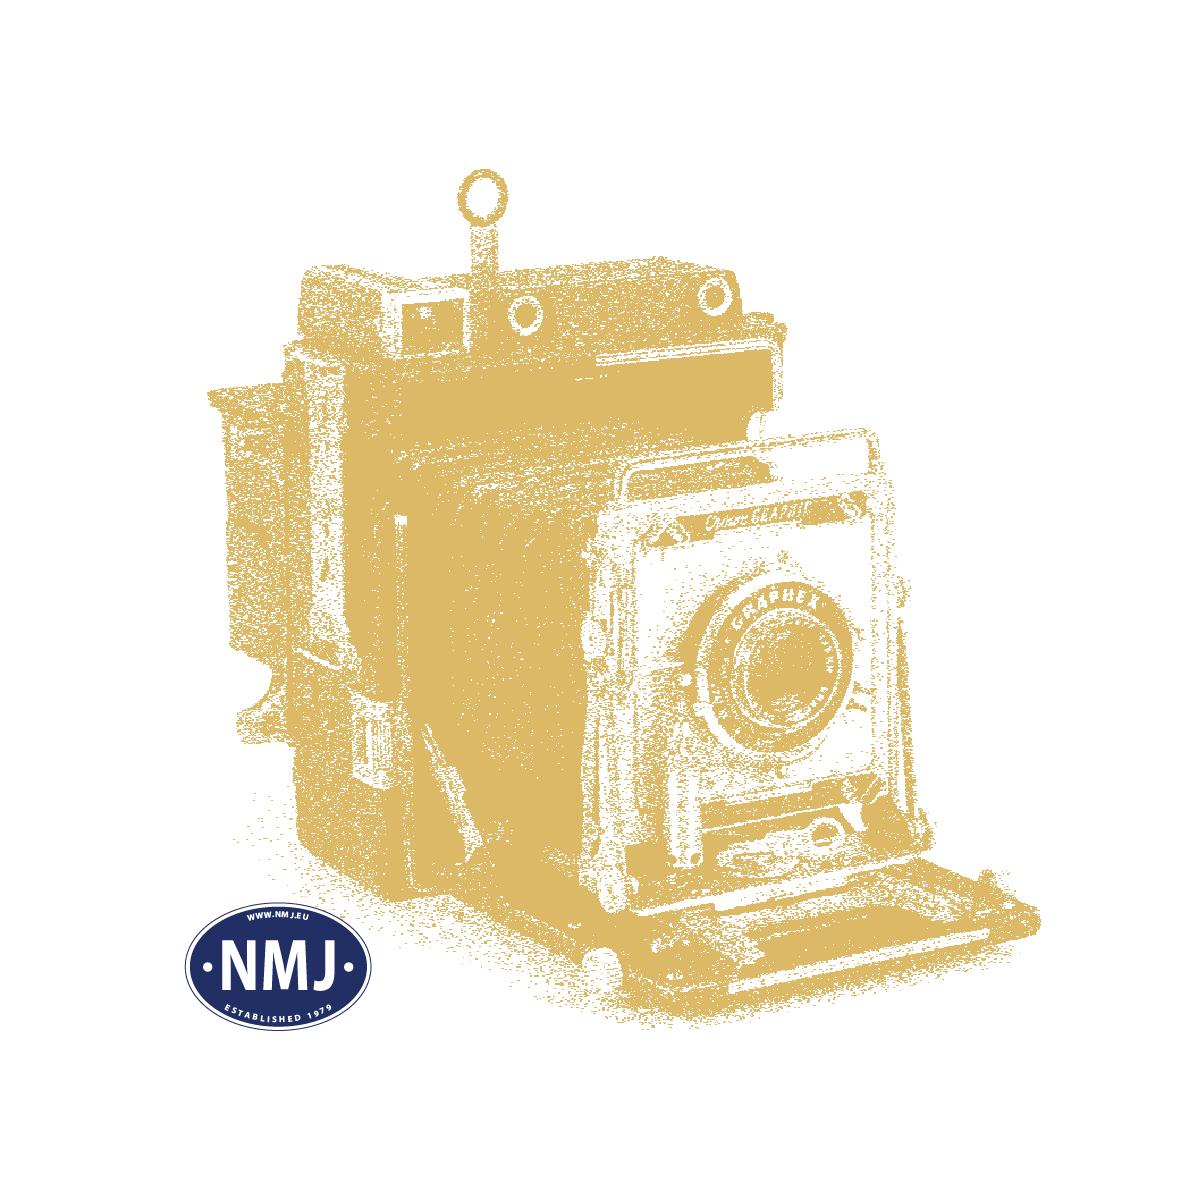 NMJT609.501 - NMJ Topline TGOJ Gre 11001